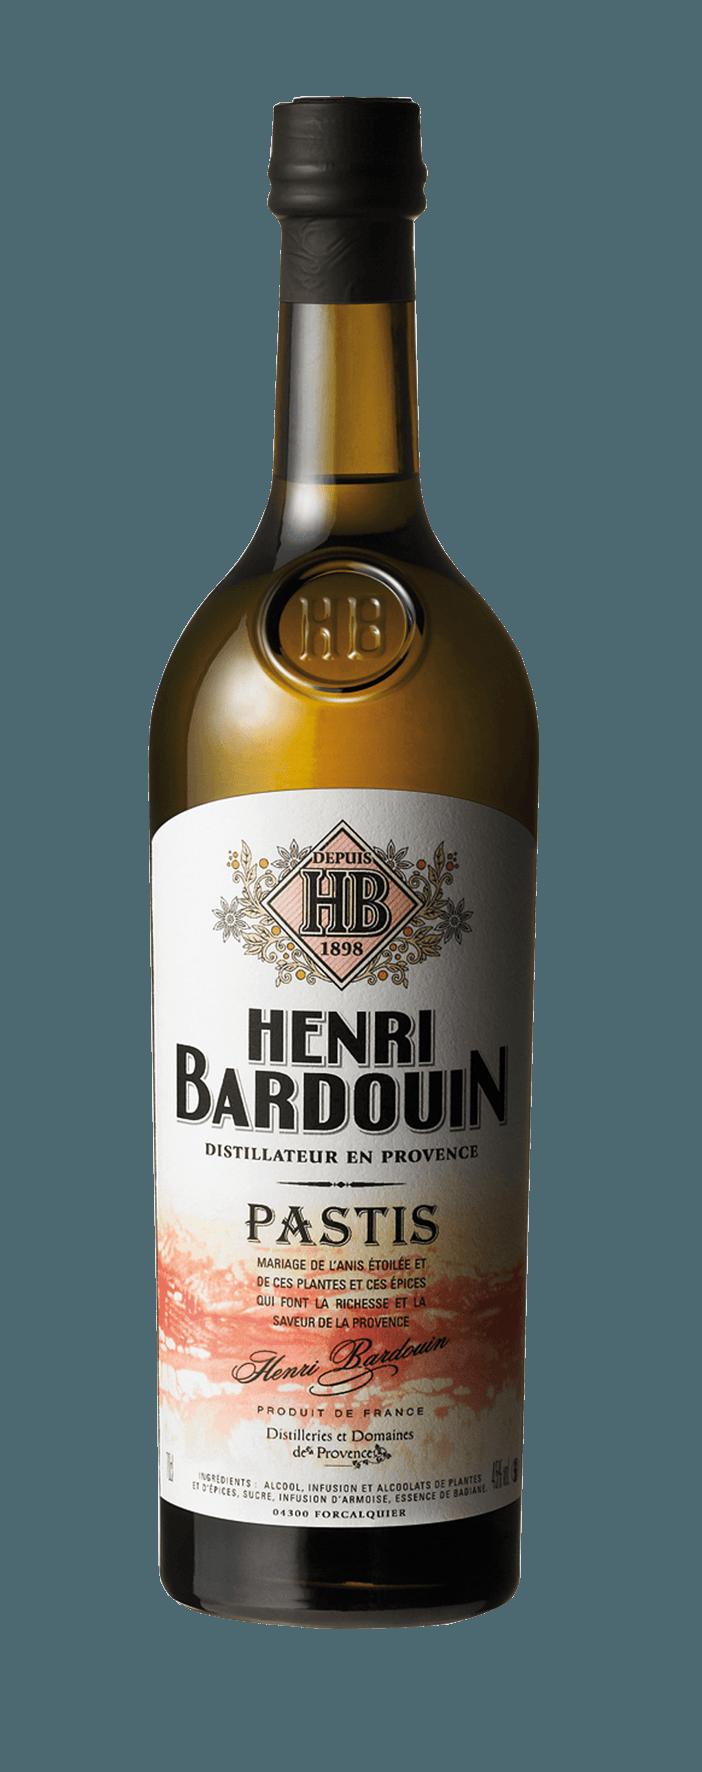 HENRI BARDOUIN Pastis 0.7ltr-1